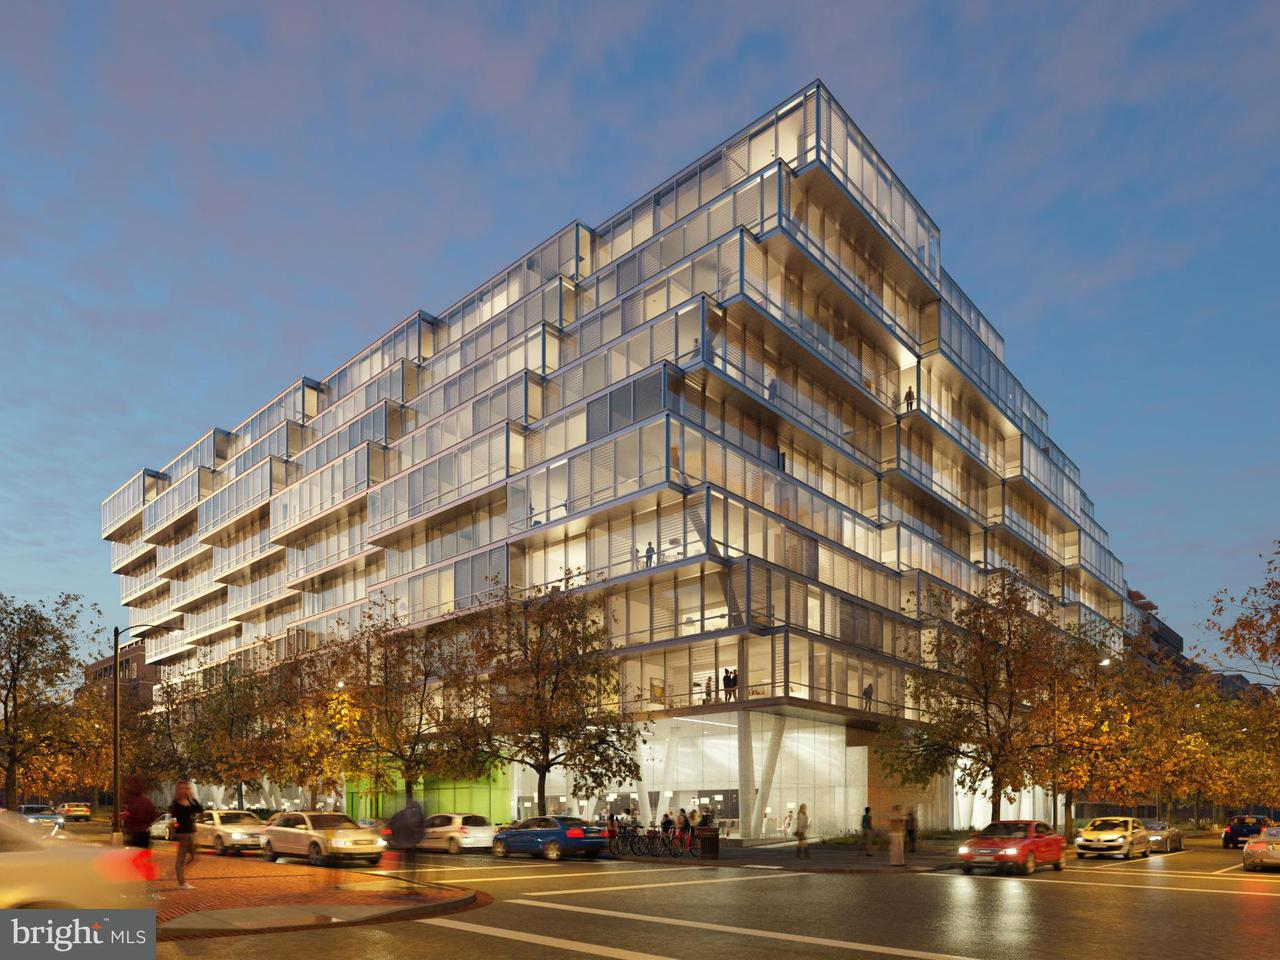 Eigentumswohnung für Verkauf beim 1111 24th St Nw #24 1111 24th St Nw #24 Washington, District Of Columbia 20037 Vereinigte Staaten